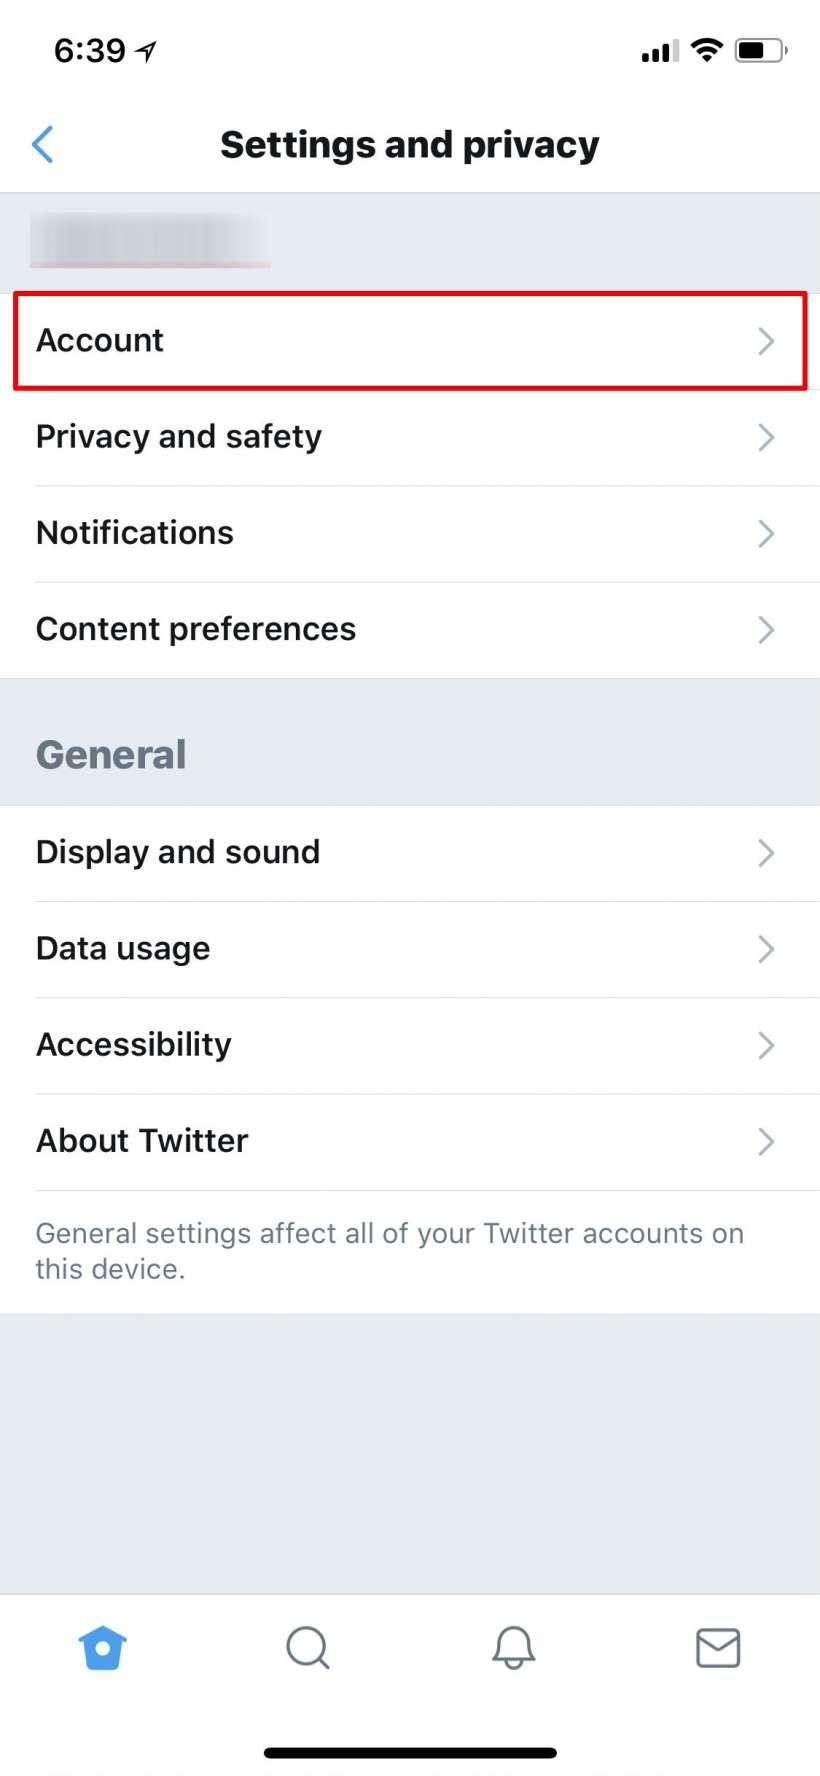 Cómo cambiar la contraseña de Twitter y activar la autenticación de dos factores 2FA el iPhone y el iPad.